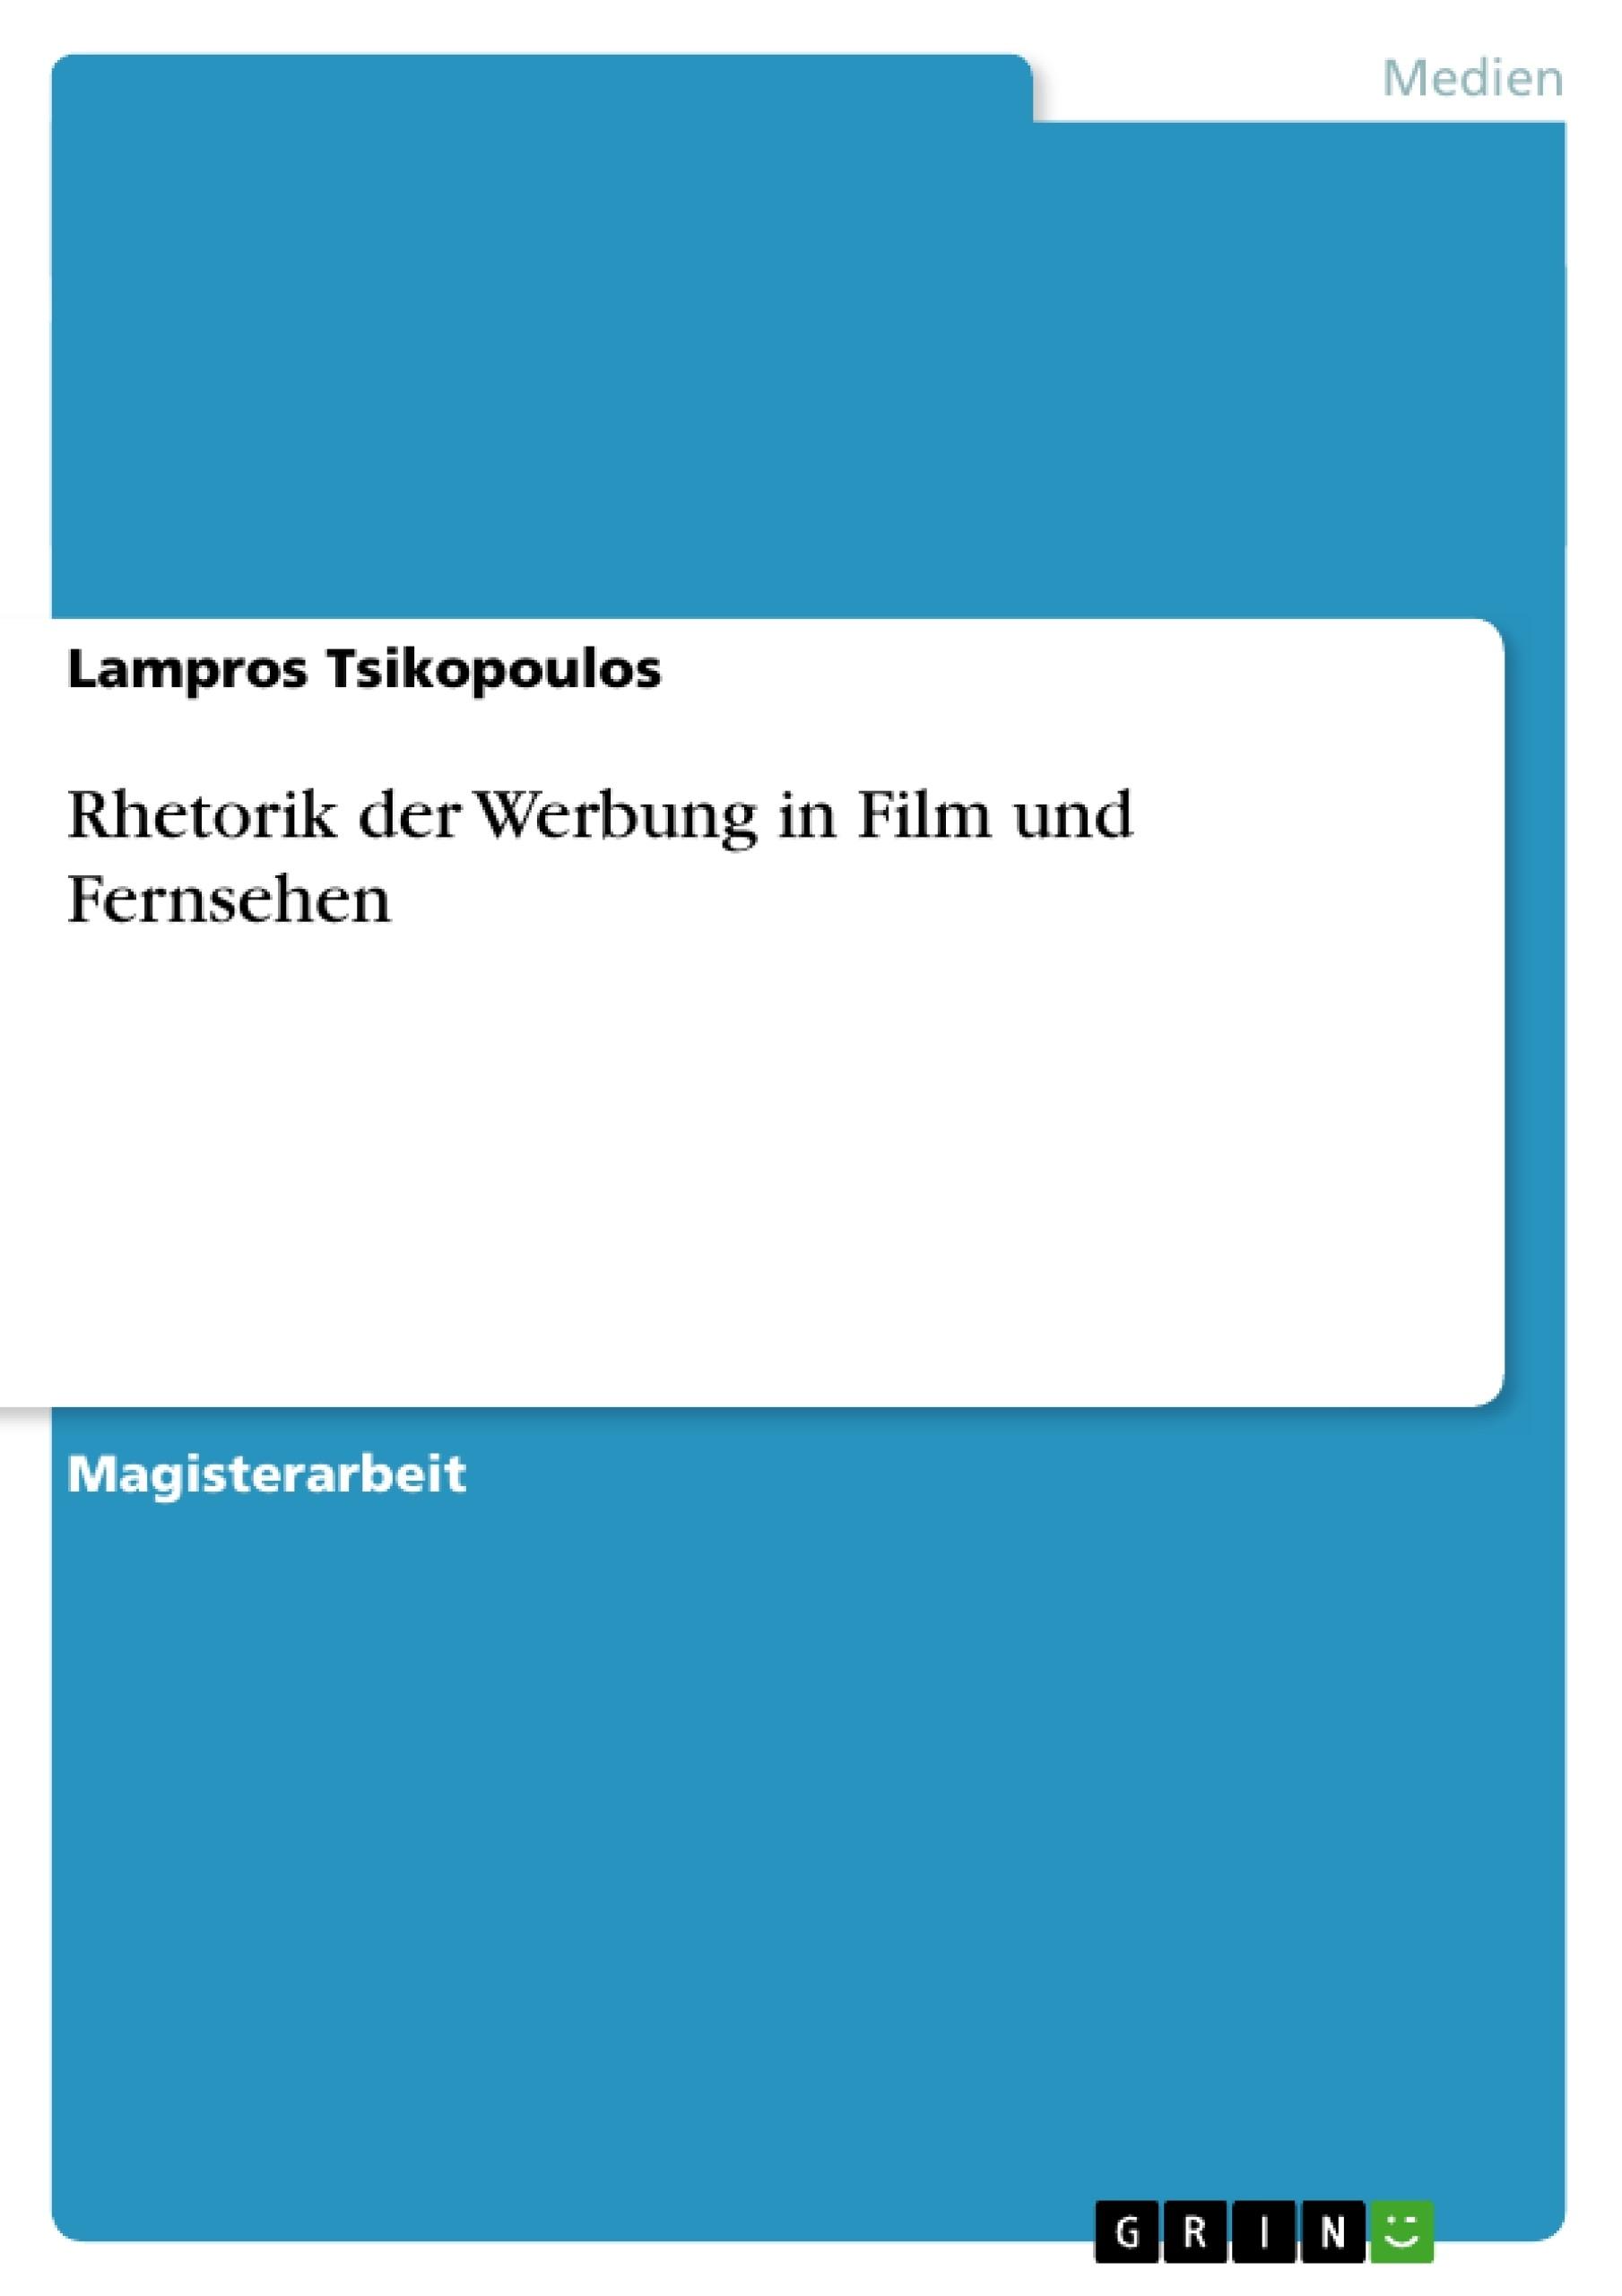 Titel: Rhetorik der Werbung in Film und Fernsehen